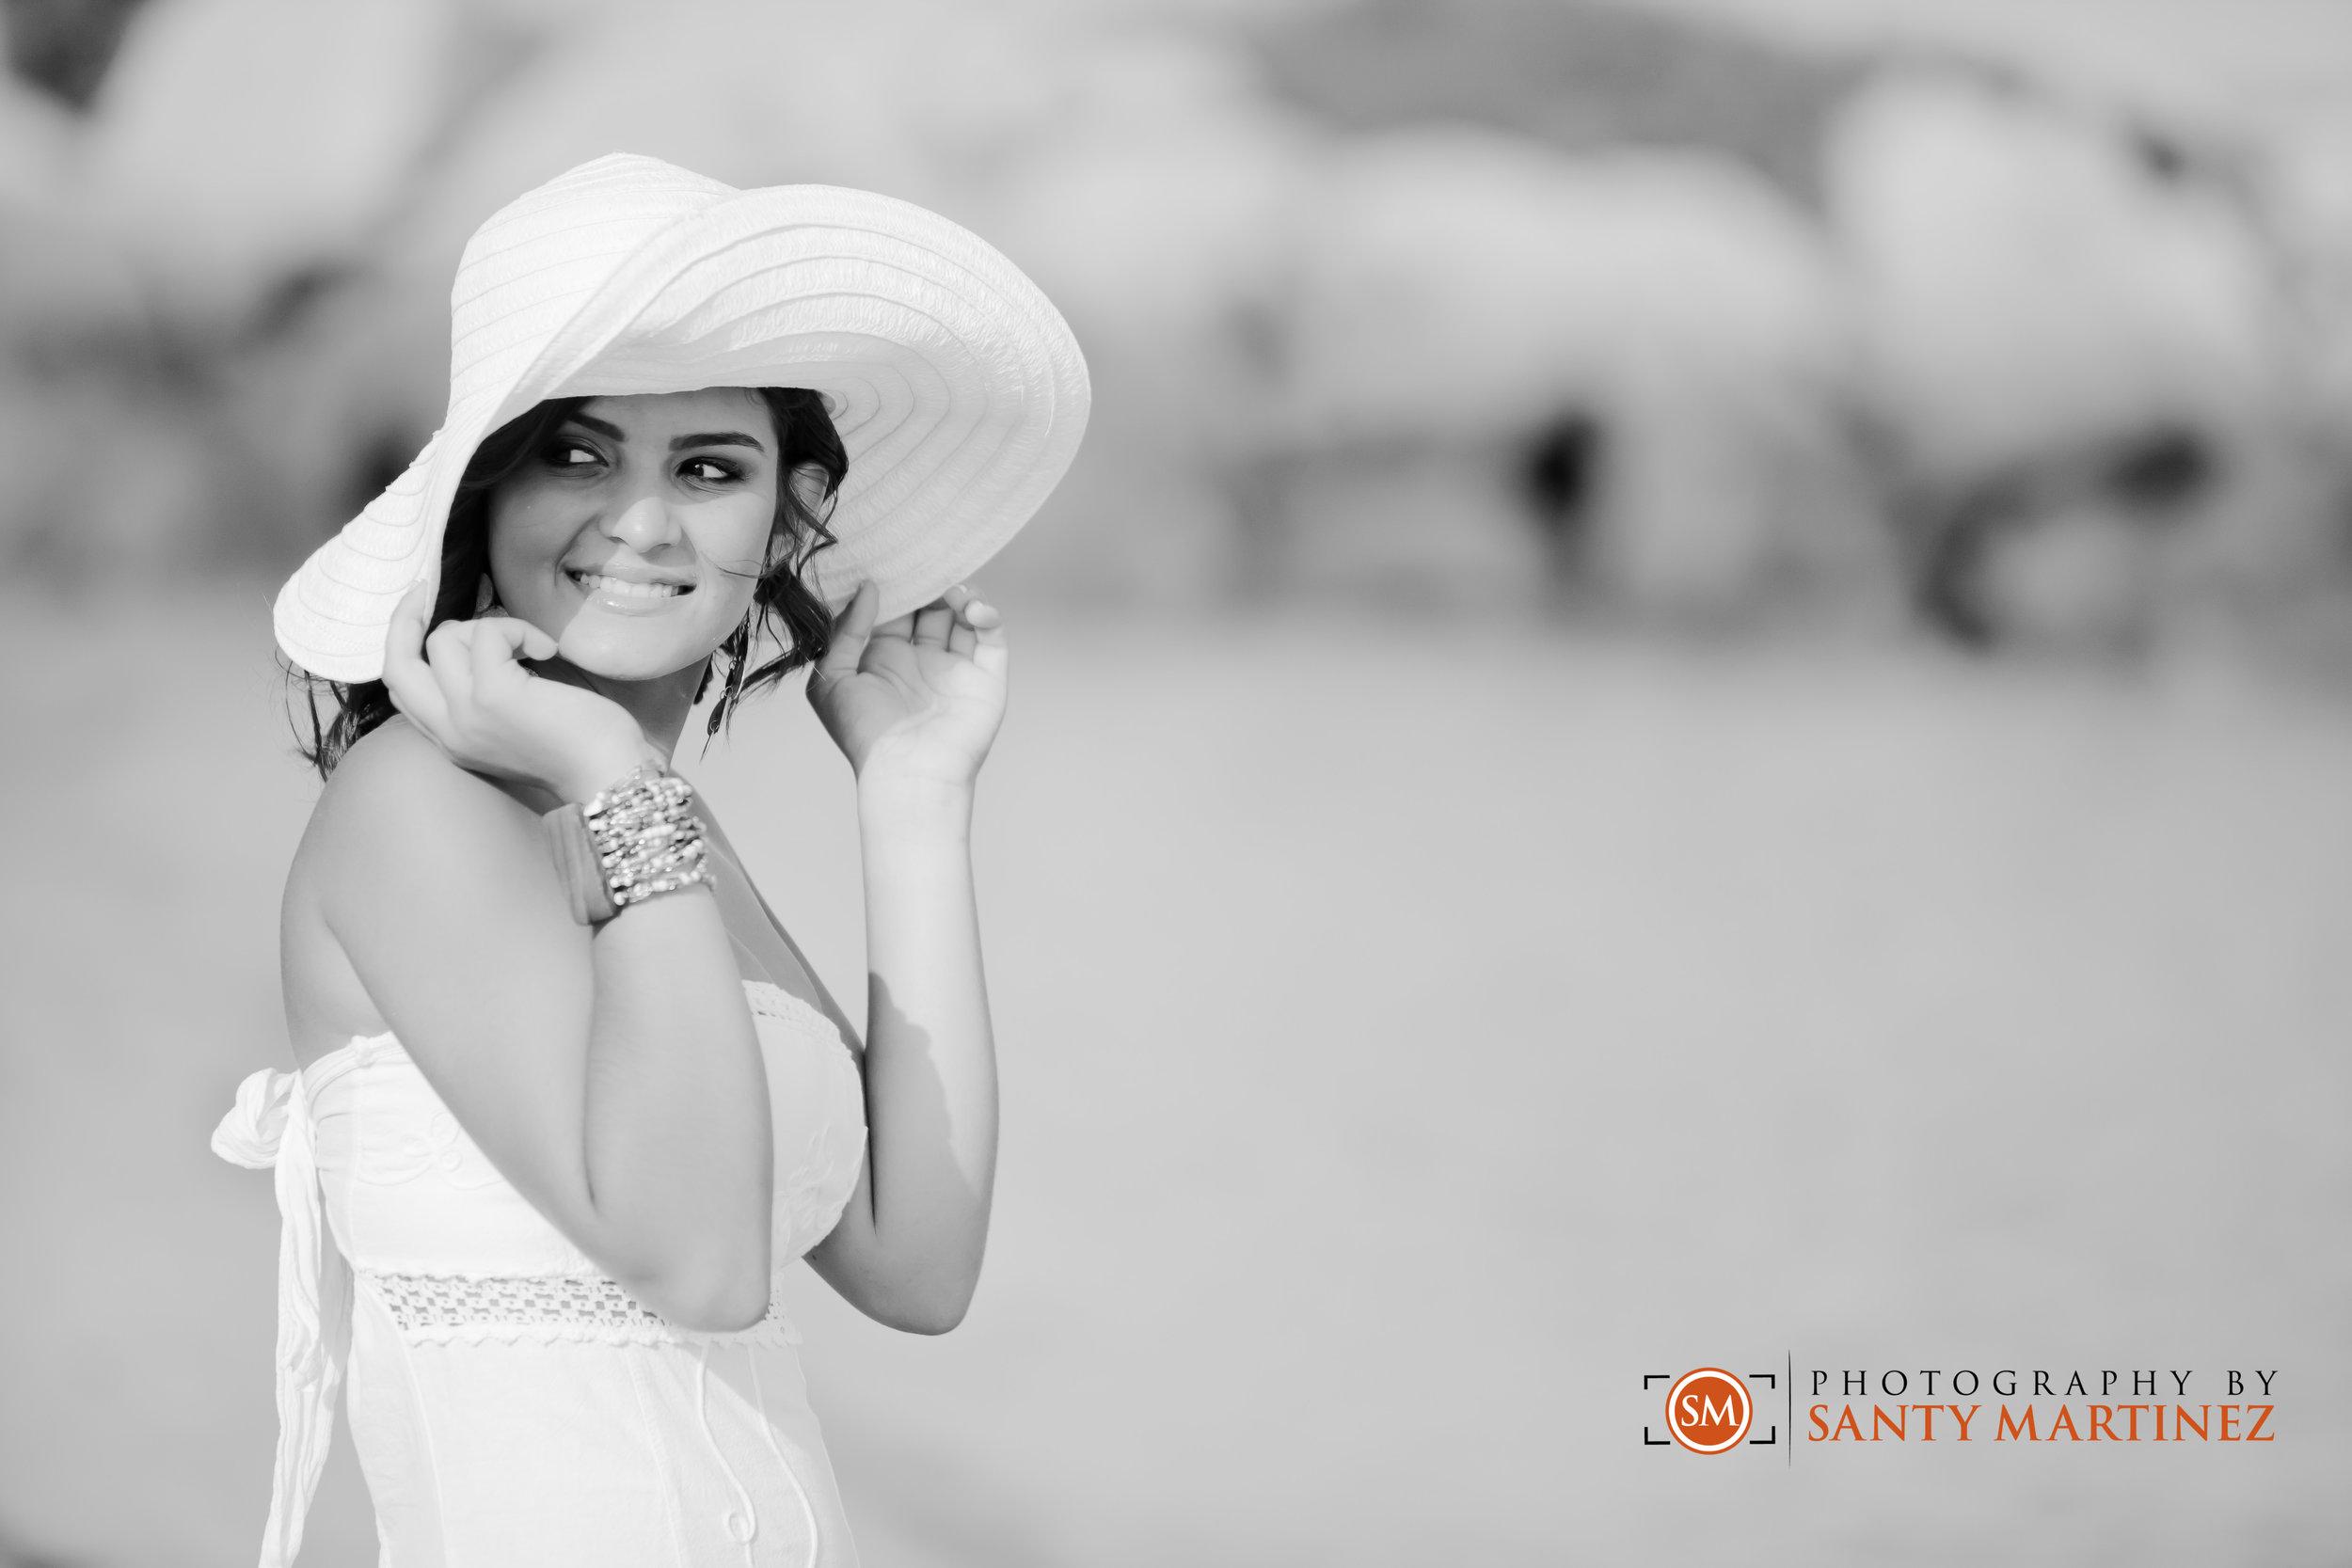 Miami Quinces Photographers - Santy Martinez -27.jpg